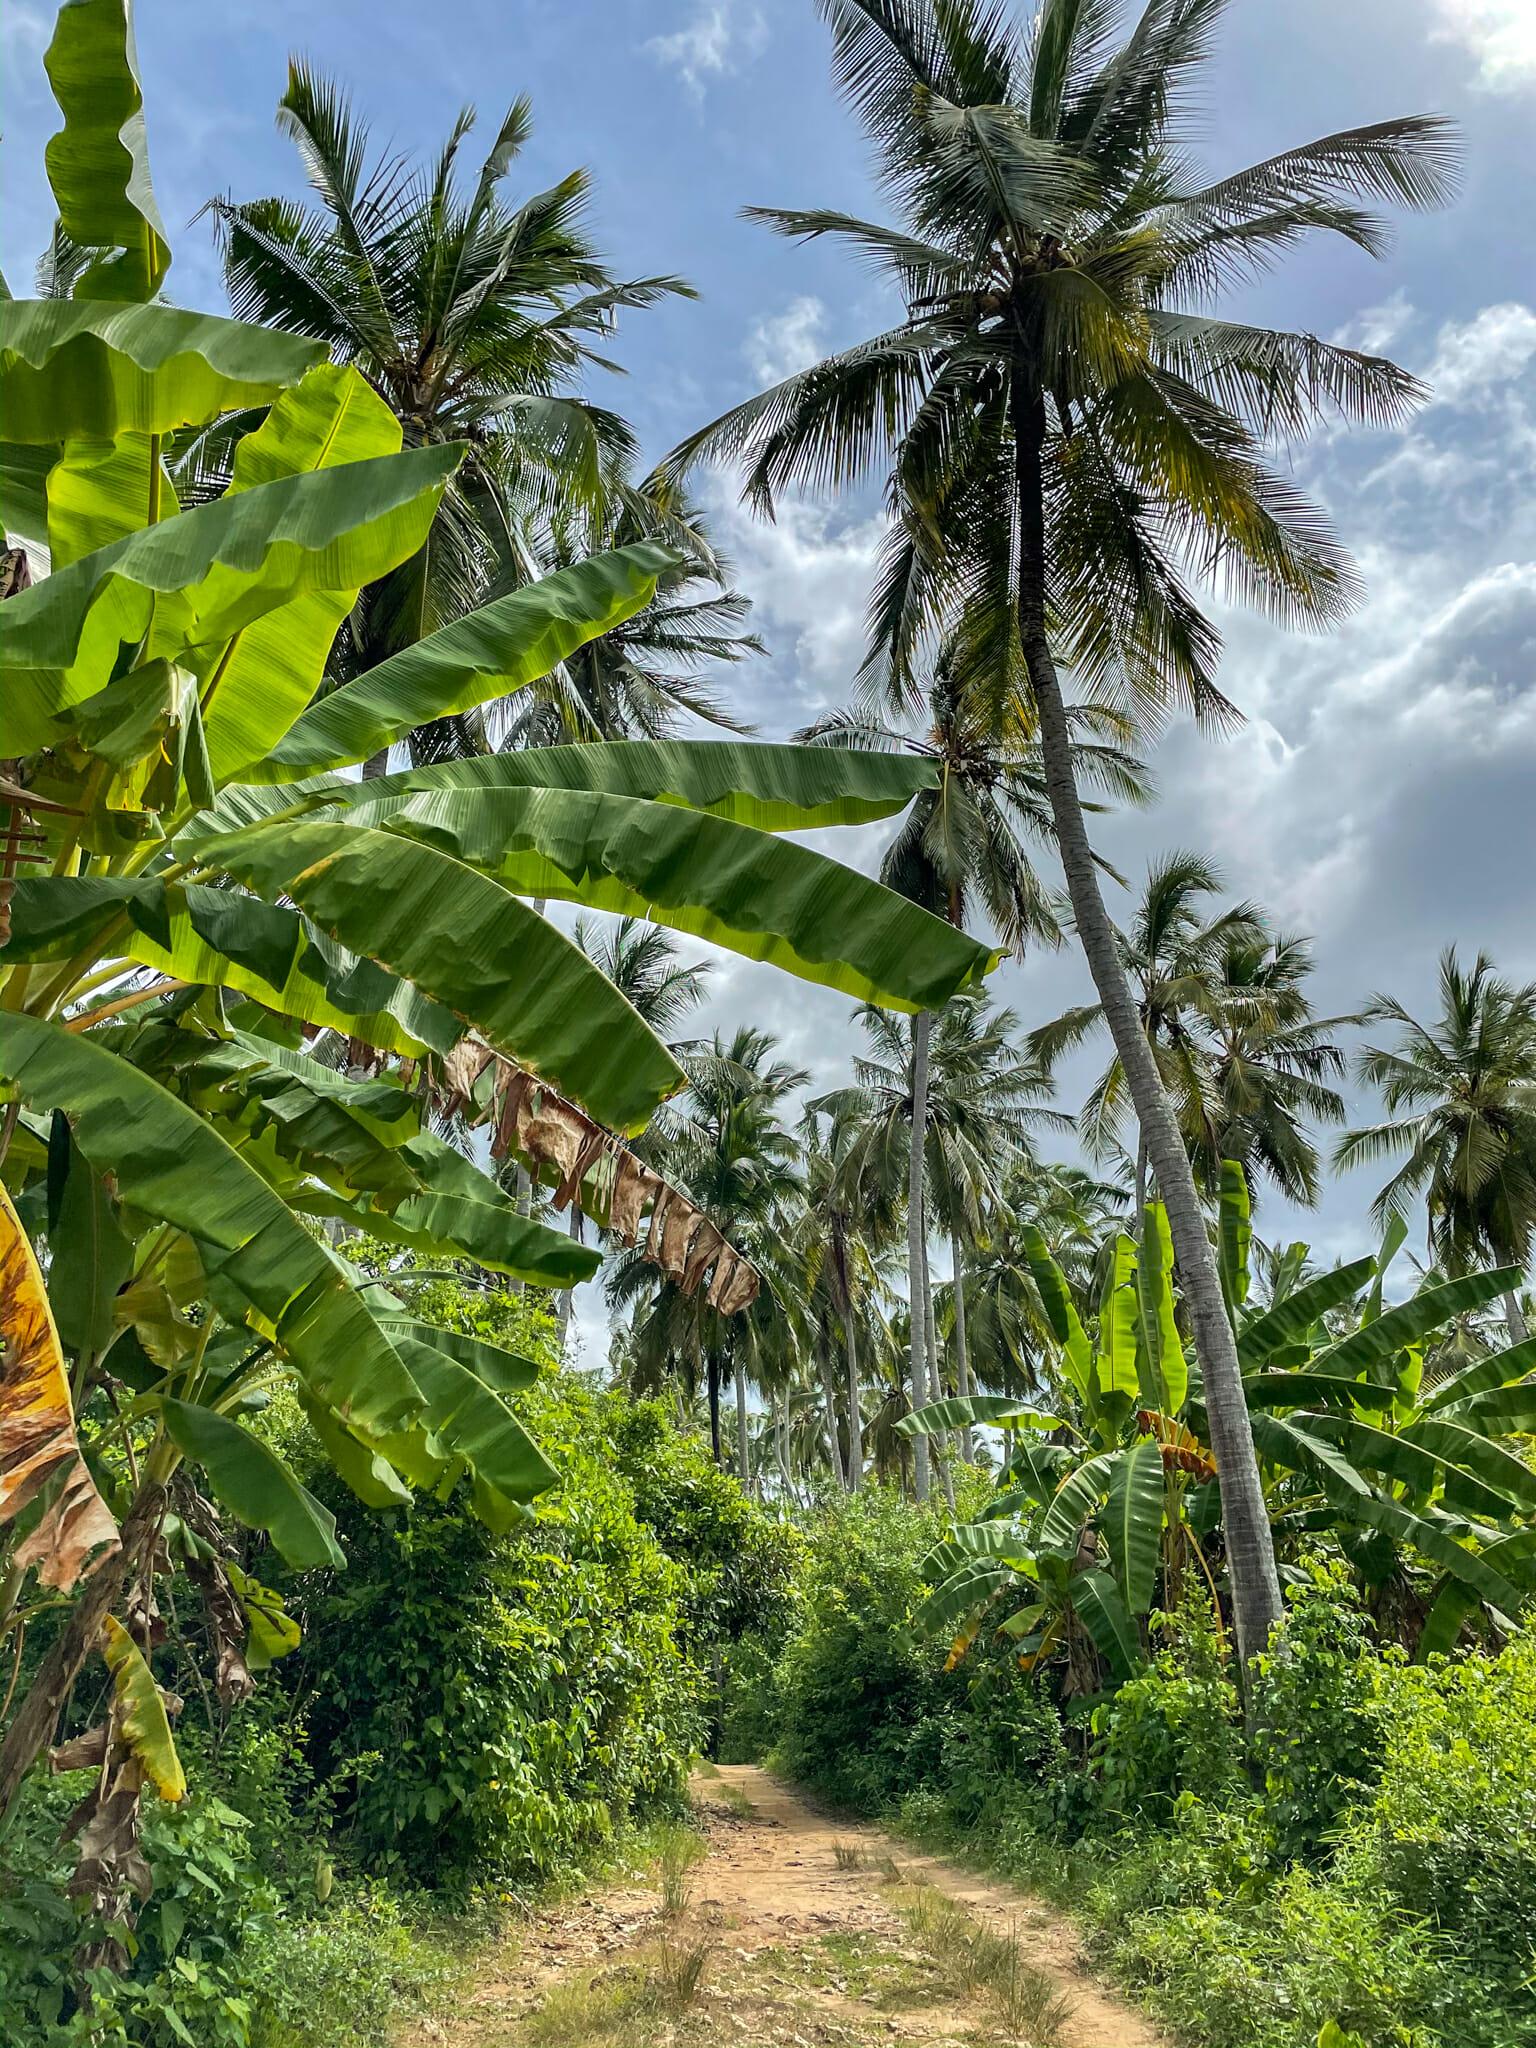 randonnée sur l'île de mafia island